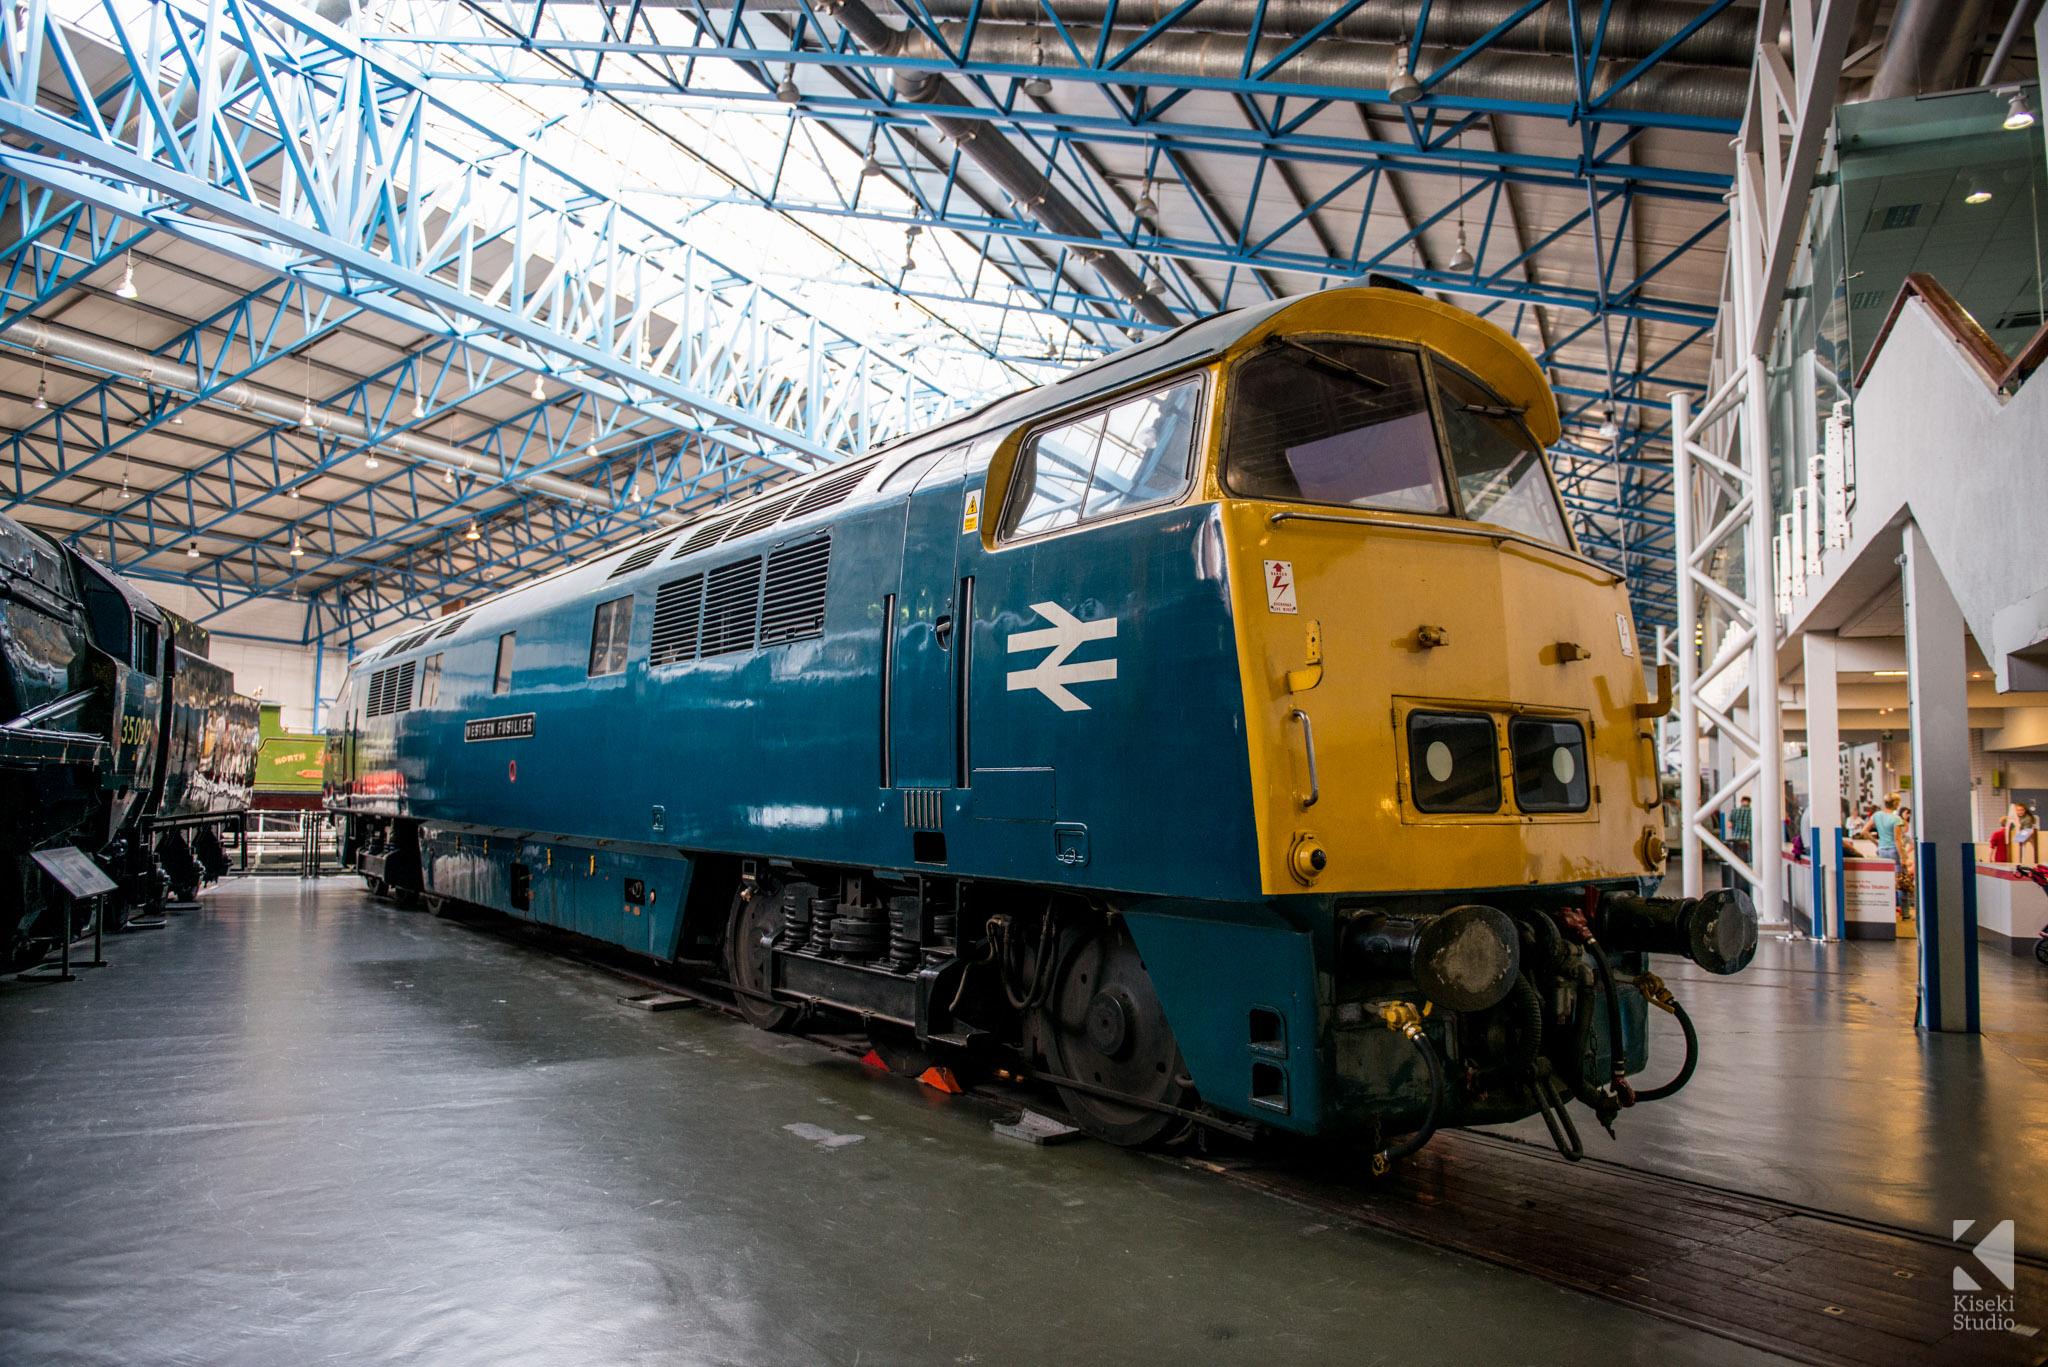 Diesel-hydraulic locomotive, Western Fusilier